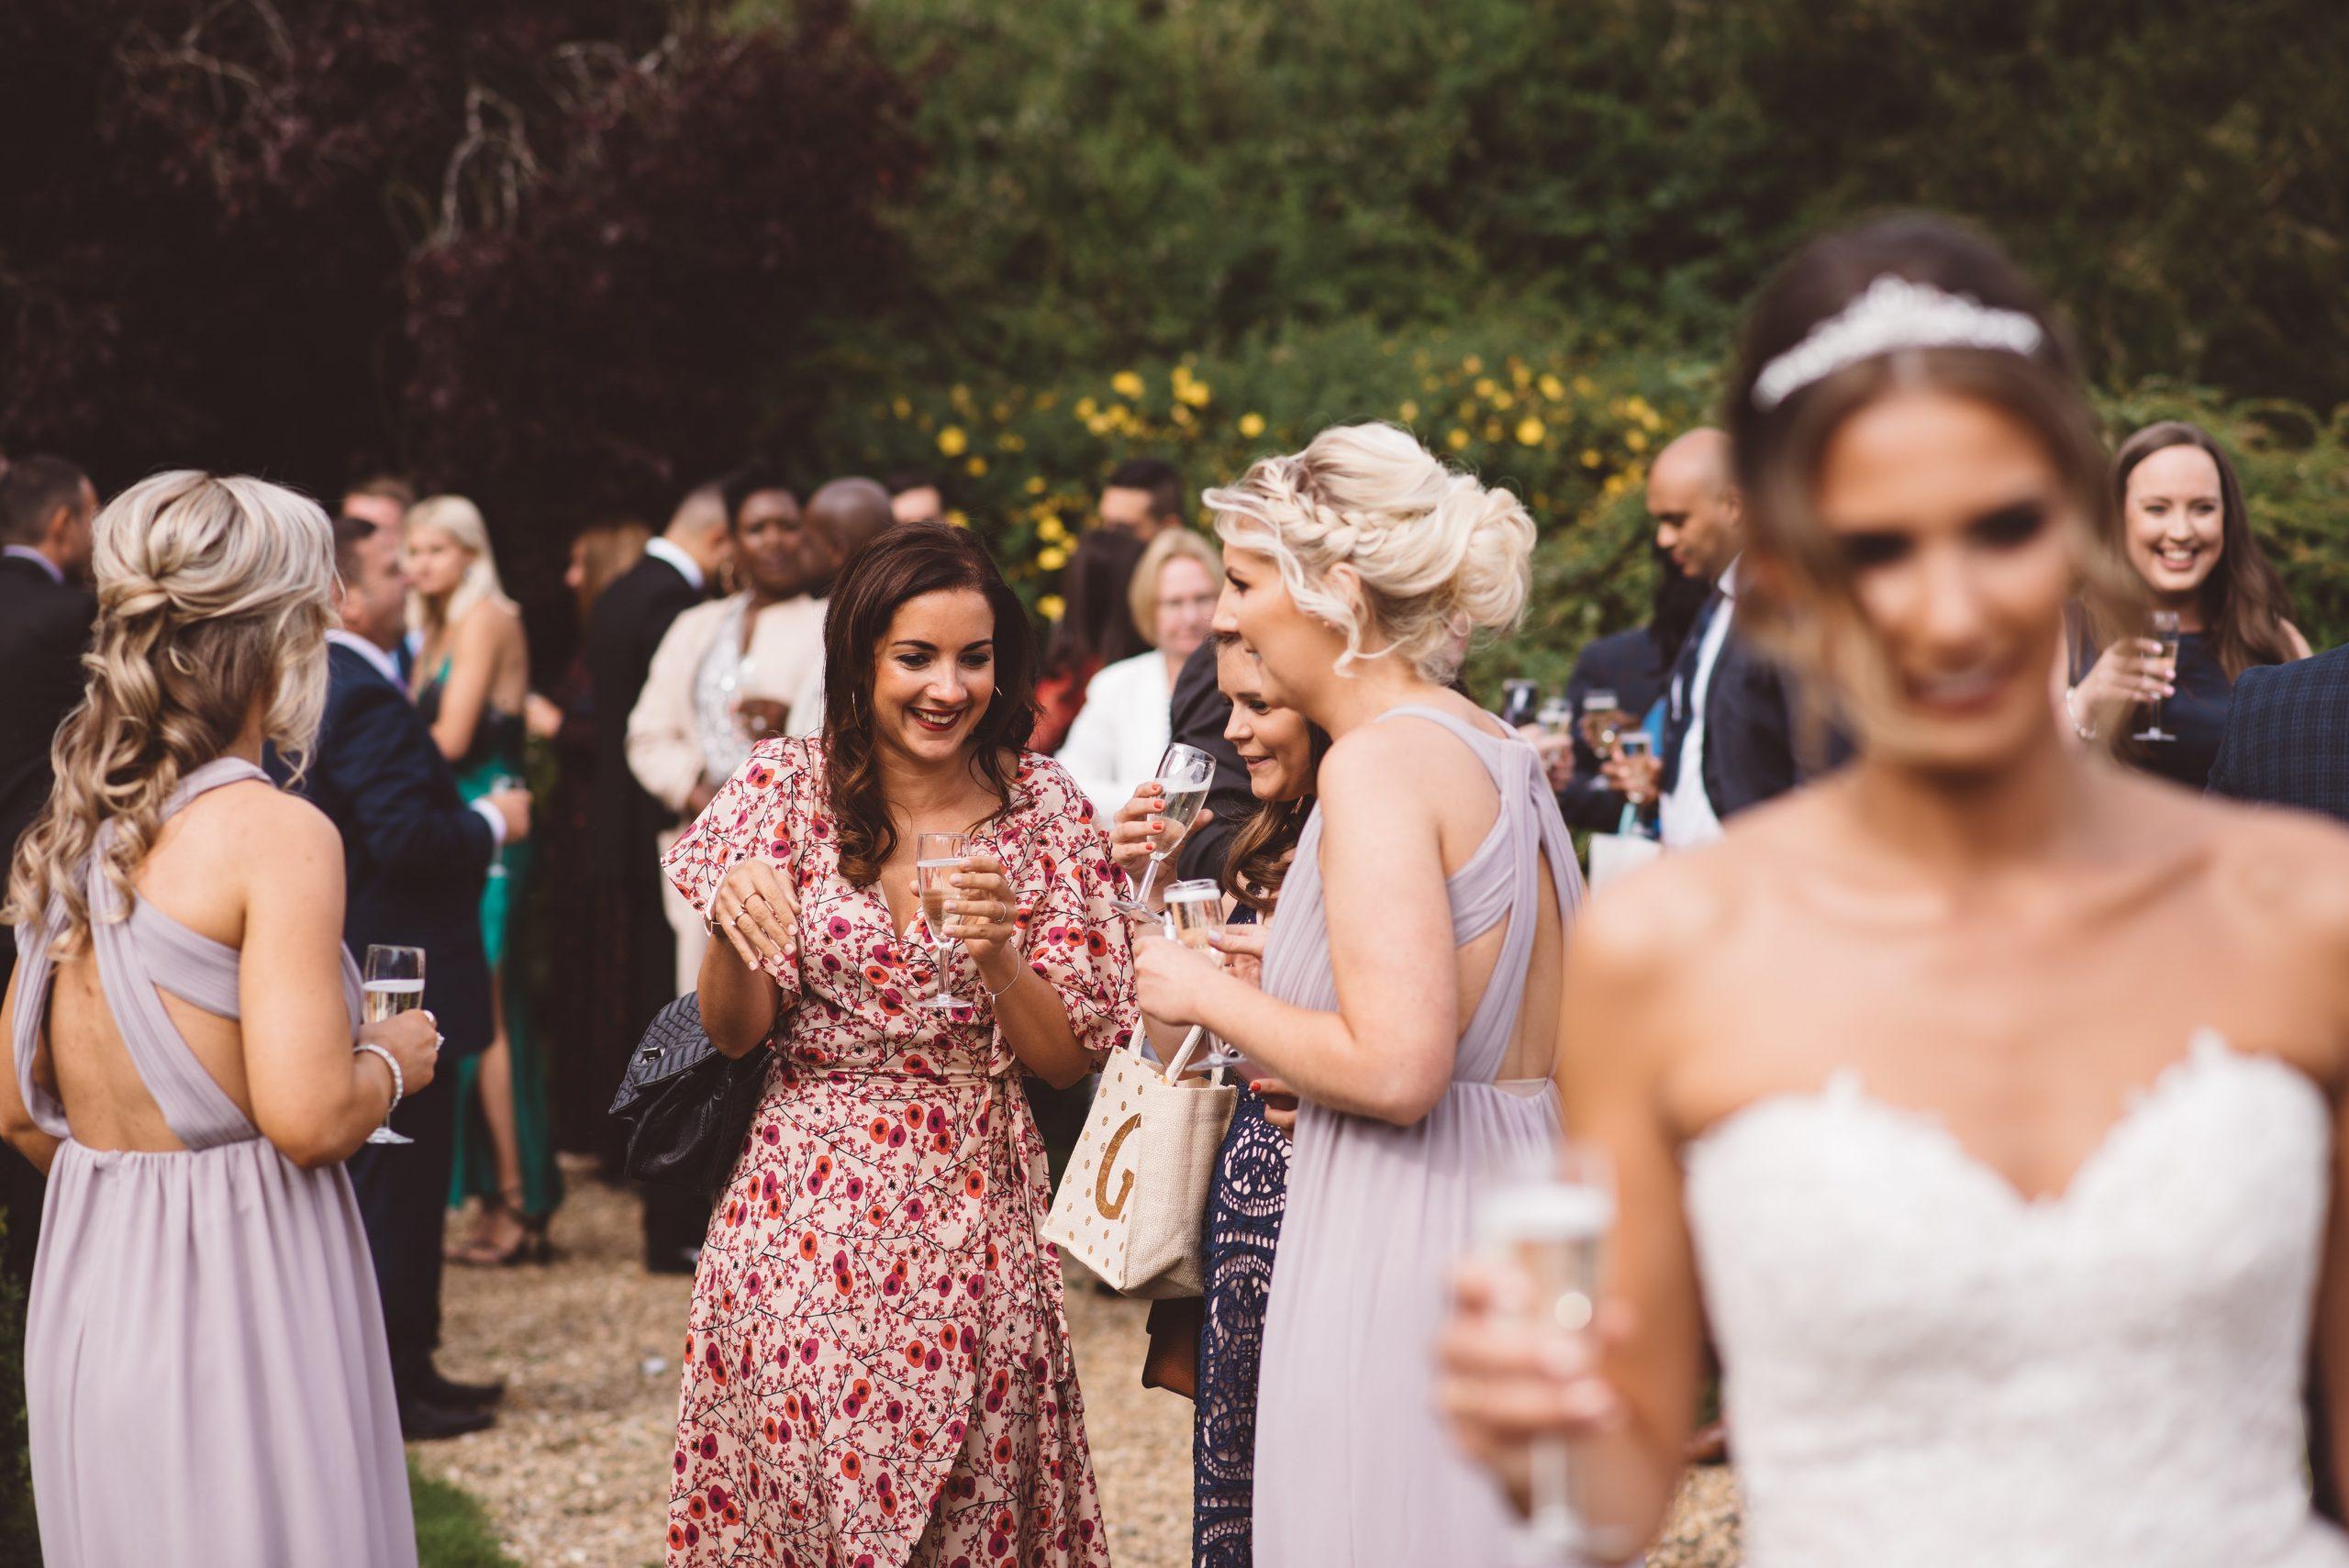 guests at Keythorpe Manor wedding